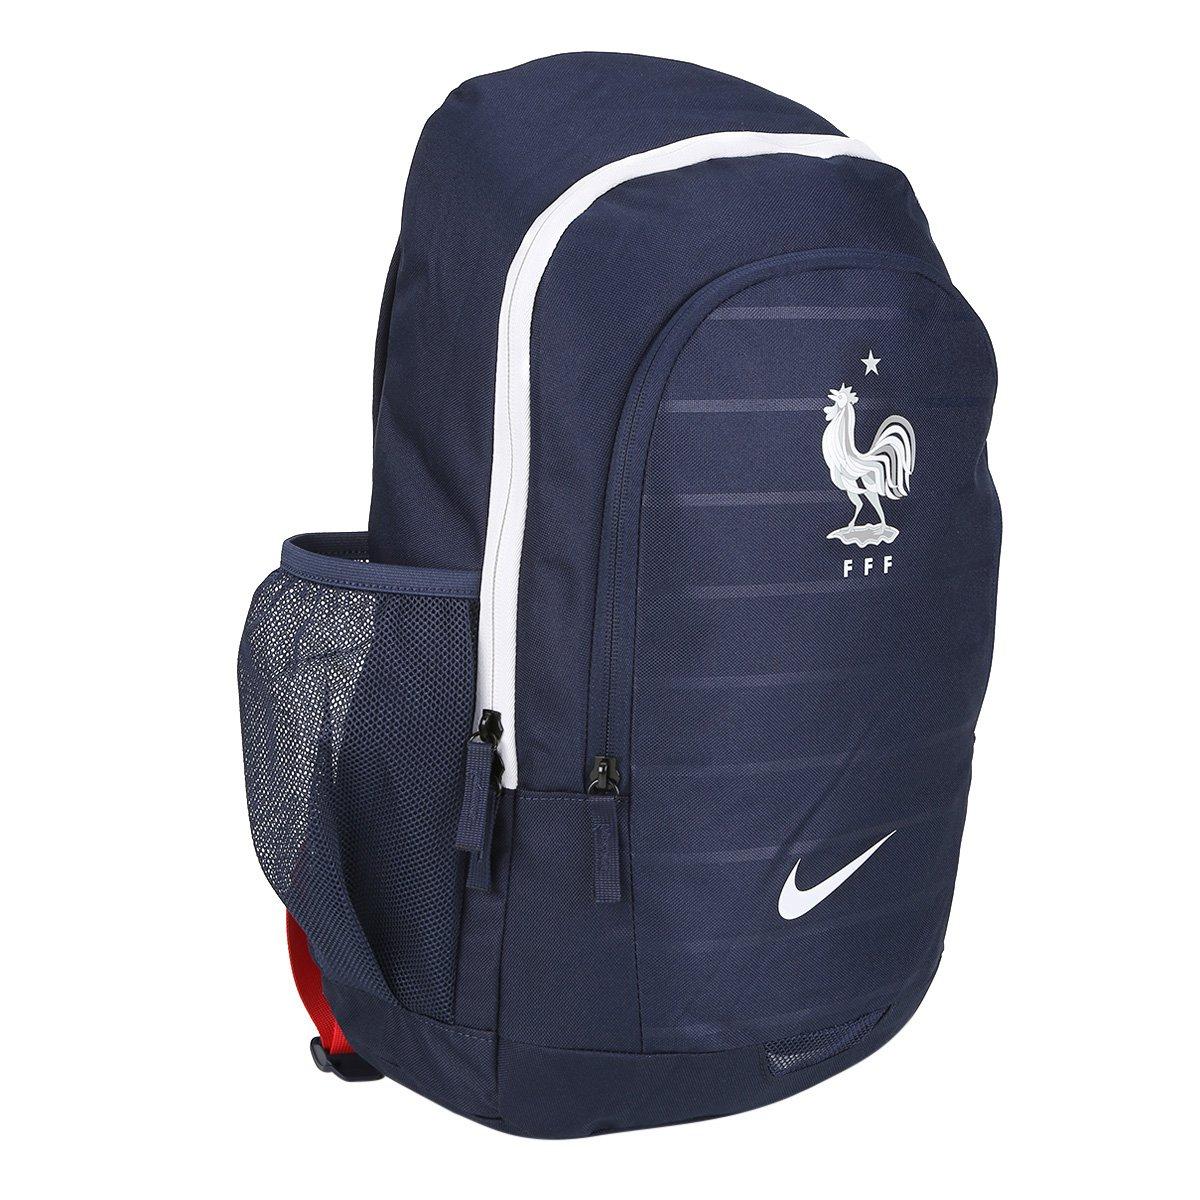 Mochila Nike Seleção França Stadium - Compre Agora  cc3b7cc43c586